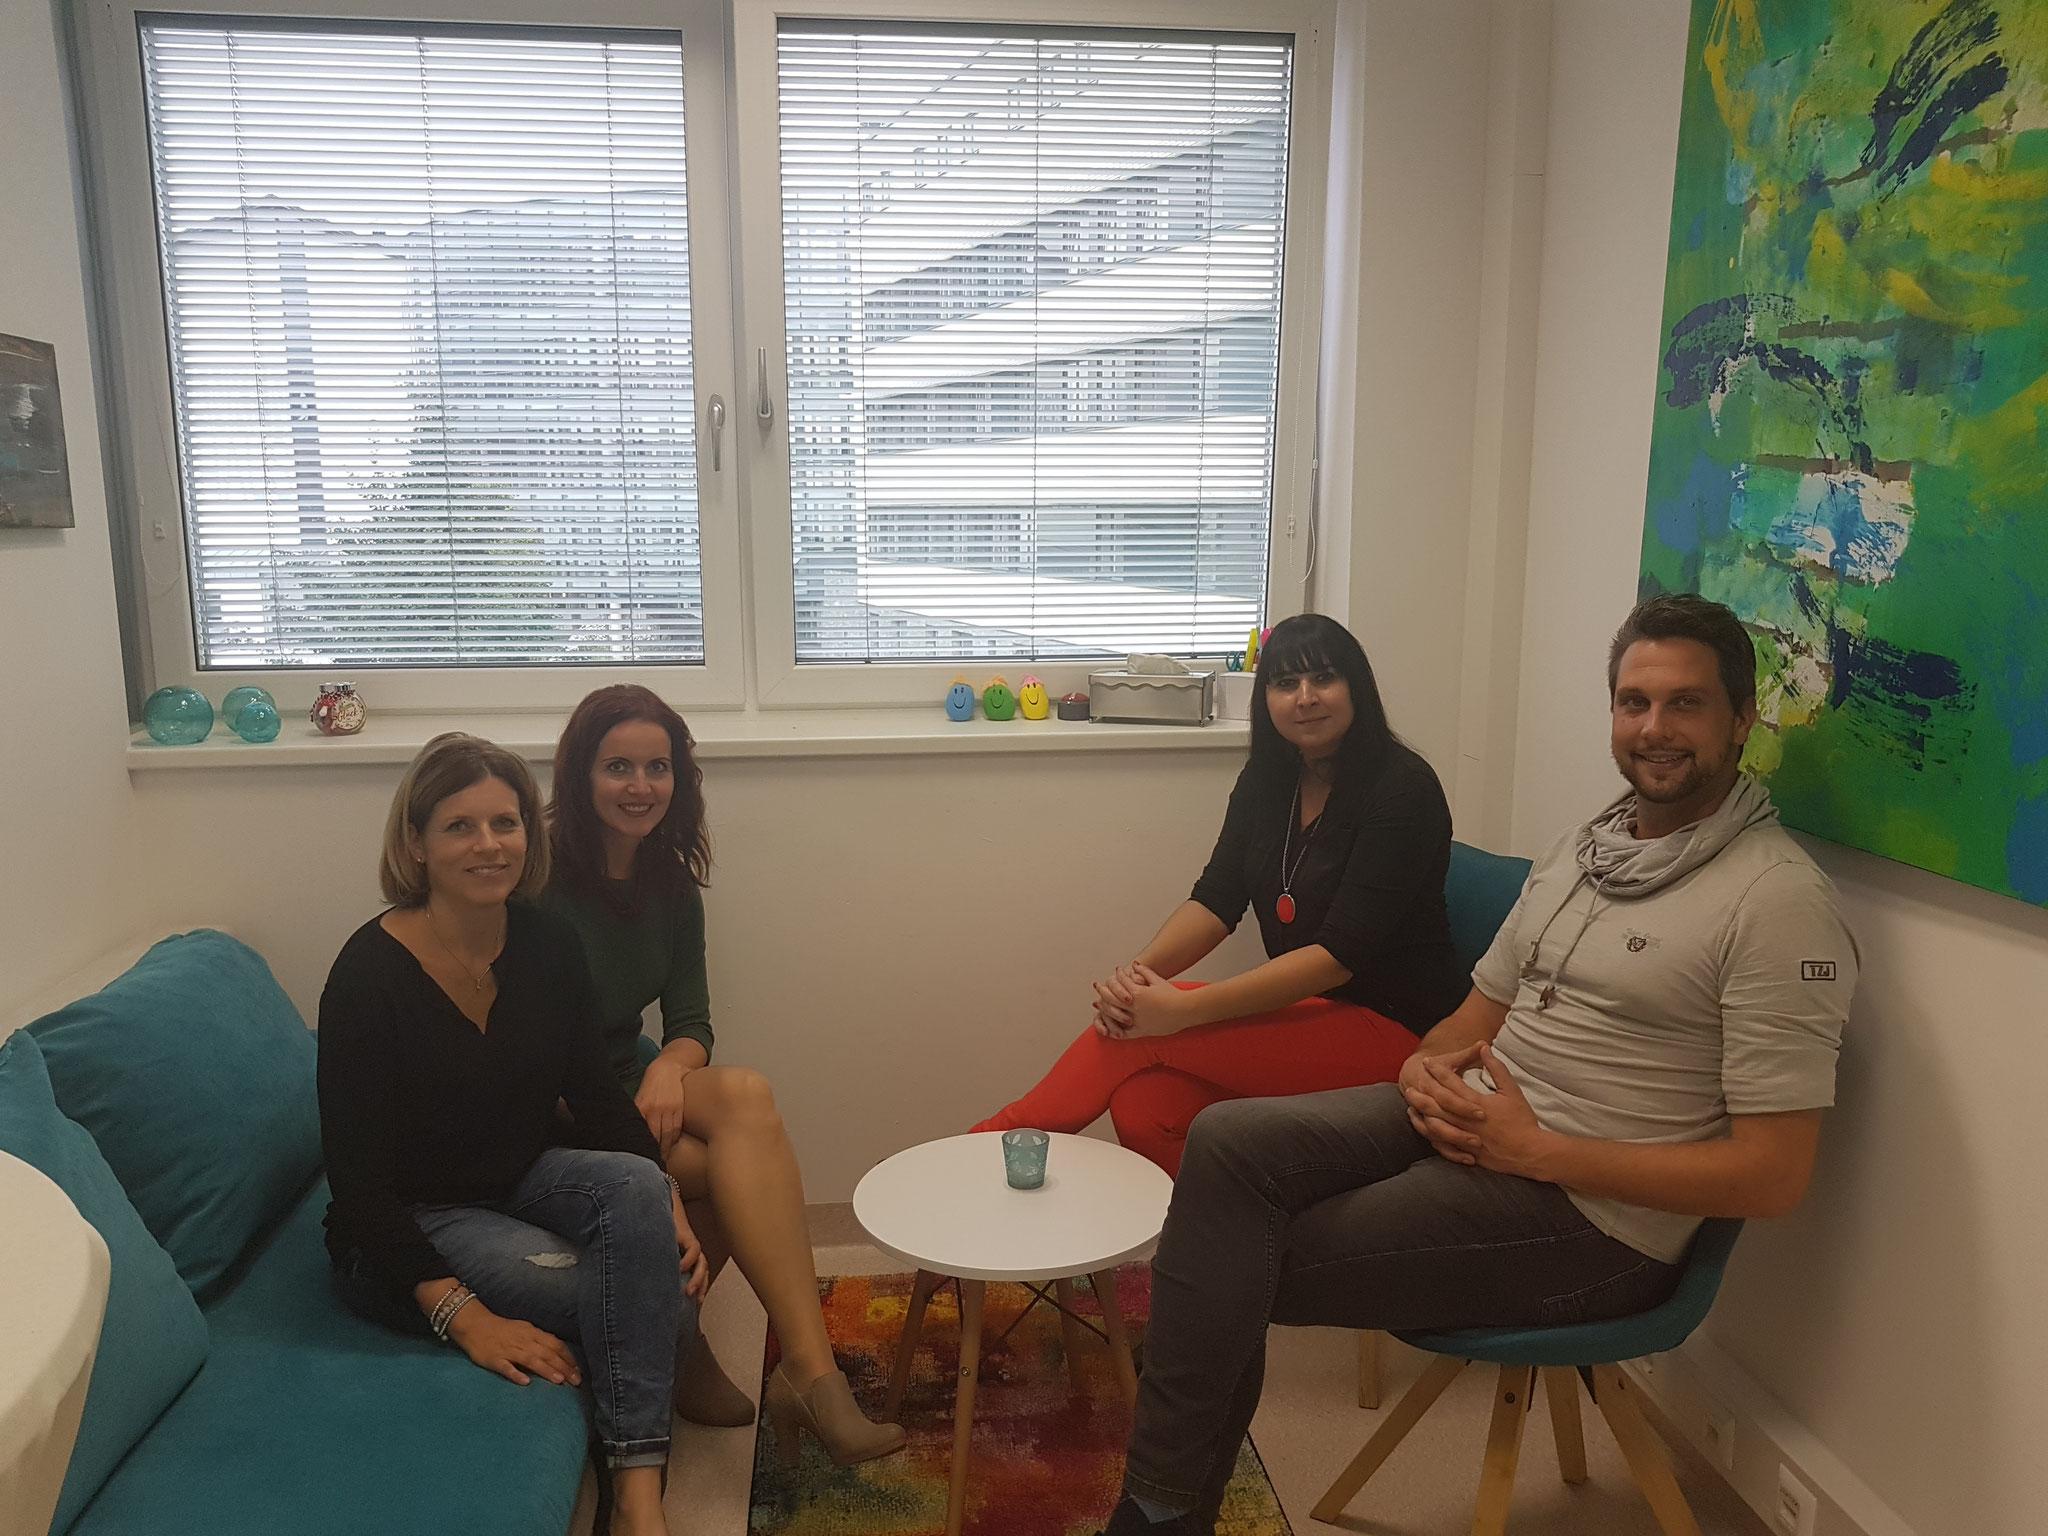 Manuela Brandstätter und Rene Ramschak mit unserer Mitarbeiterin Ines Anette Steinthaler und Kooperationspartnerin Anya Bestebner